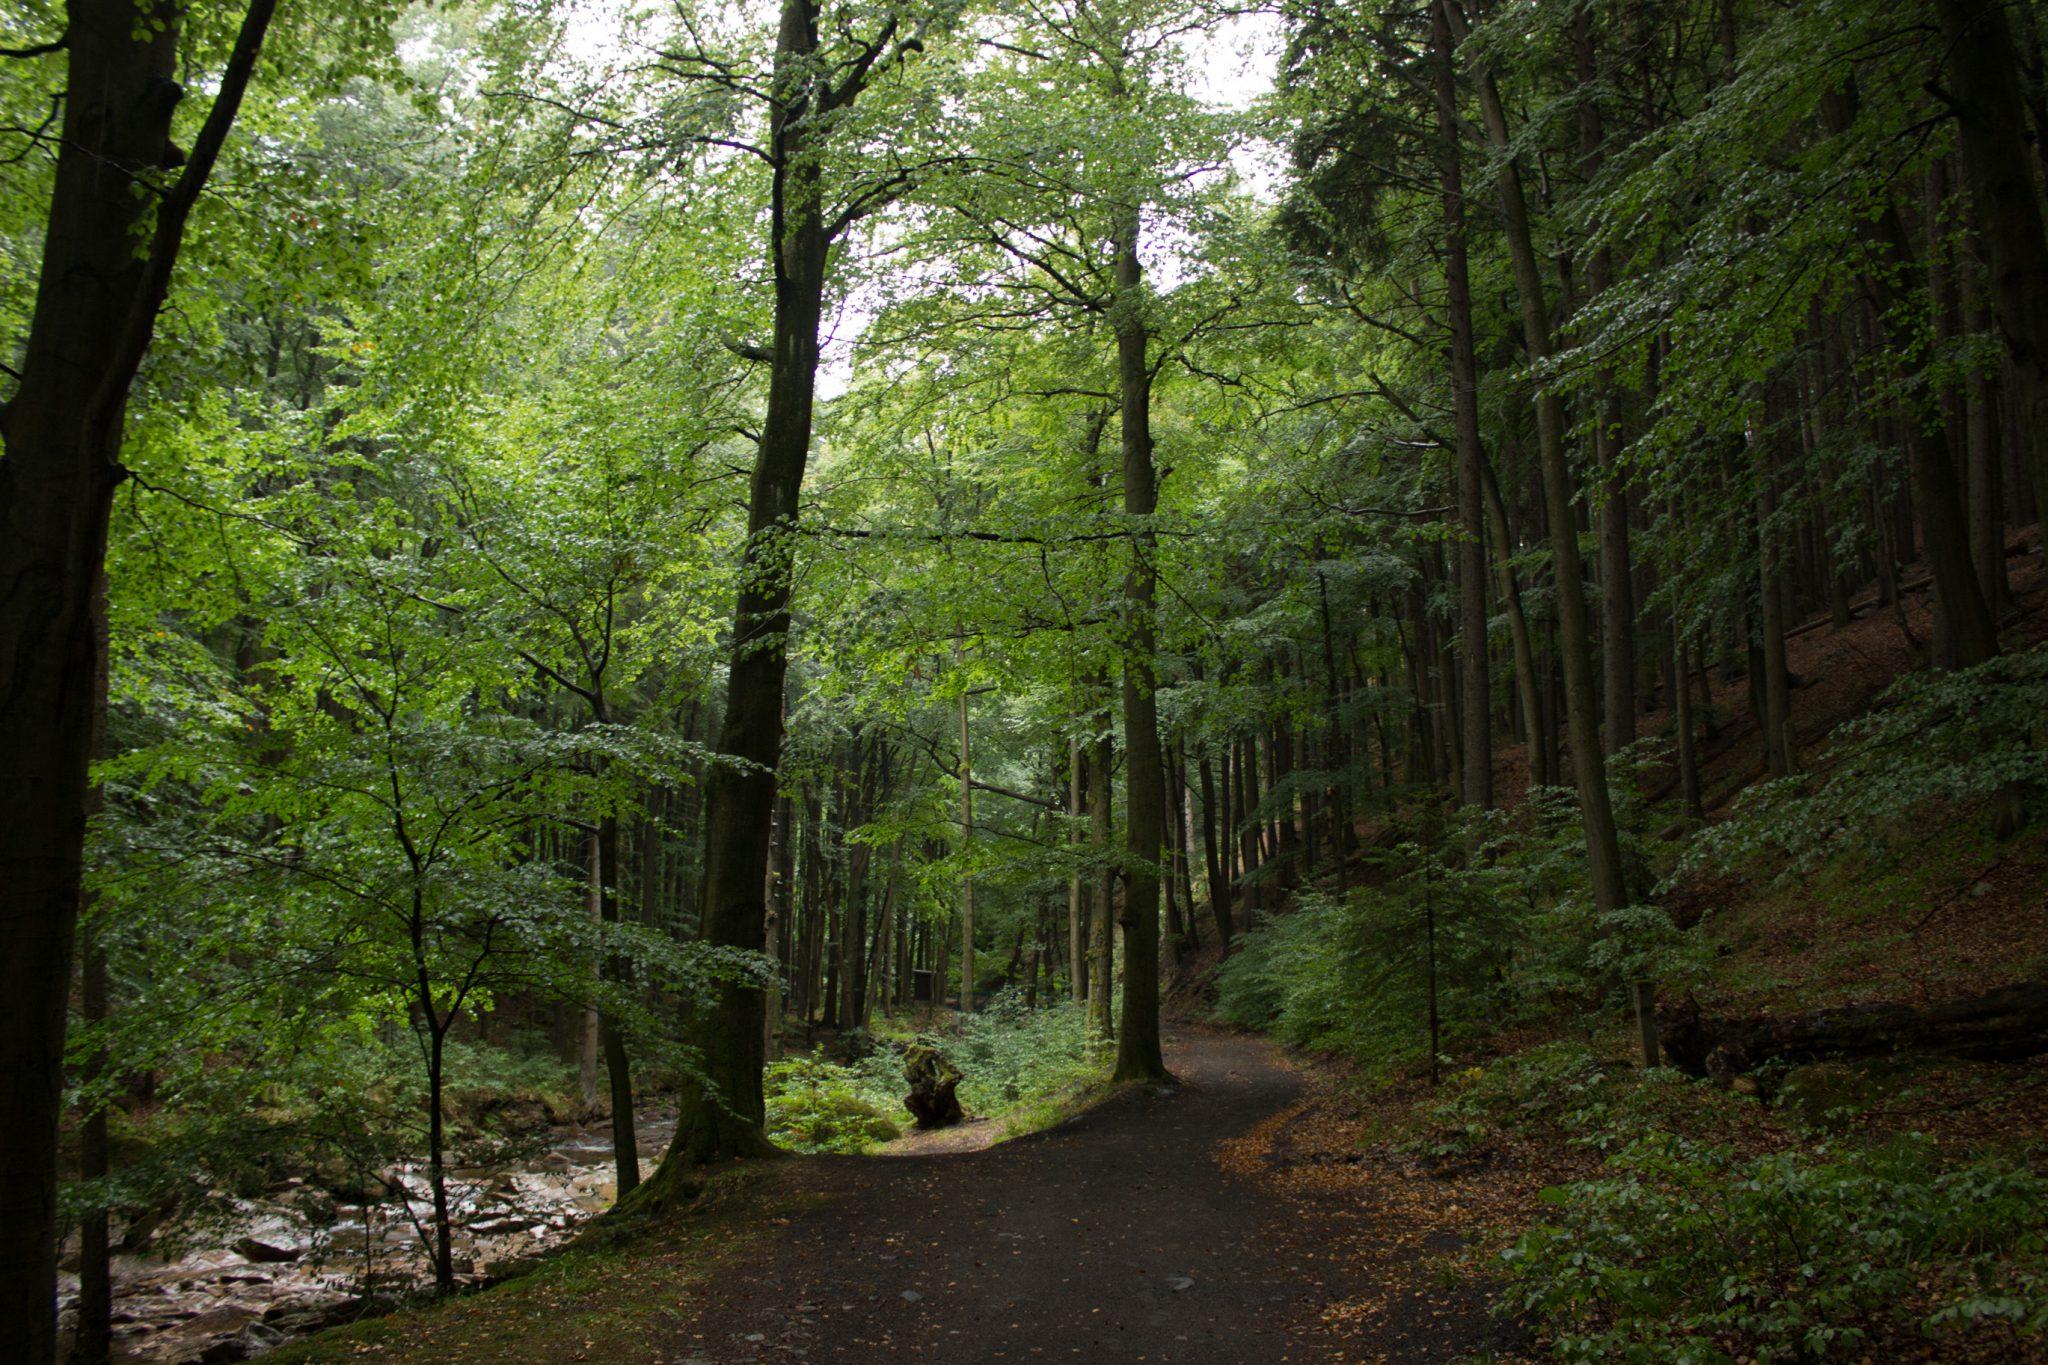 Wanderung Brocken über Heinrich-Heine-Weg Start in Ilsenburg, Nationalpark Harz, schöner Wanderweg im Wald entlang des Fluß Ilse, atmosphärisch, herrliche frische Luft, viele Laubbäume